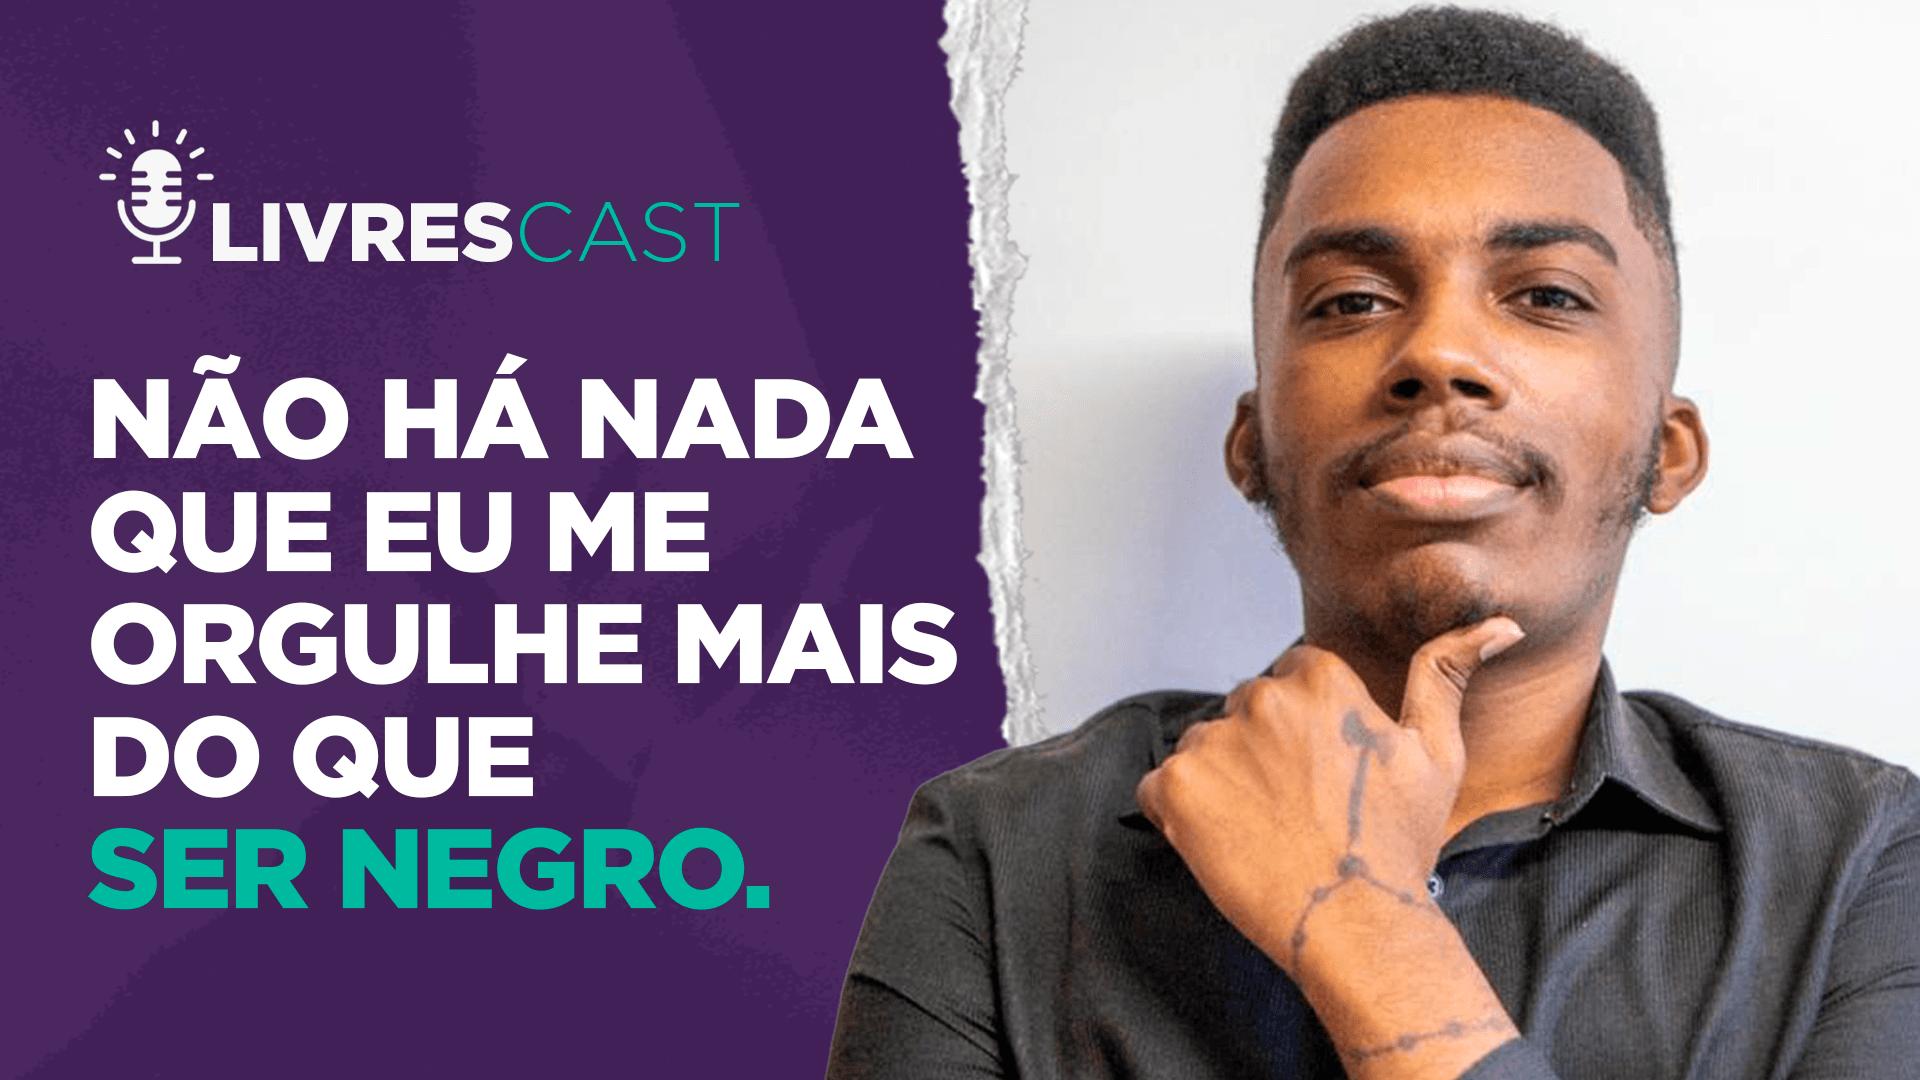 ELE ESTÁ COMBATENDO O RACISMO NA UFRGS   LivresCast com Jota Júnior